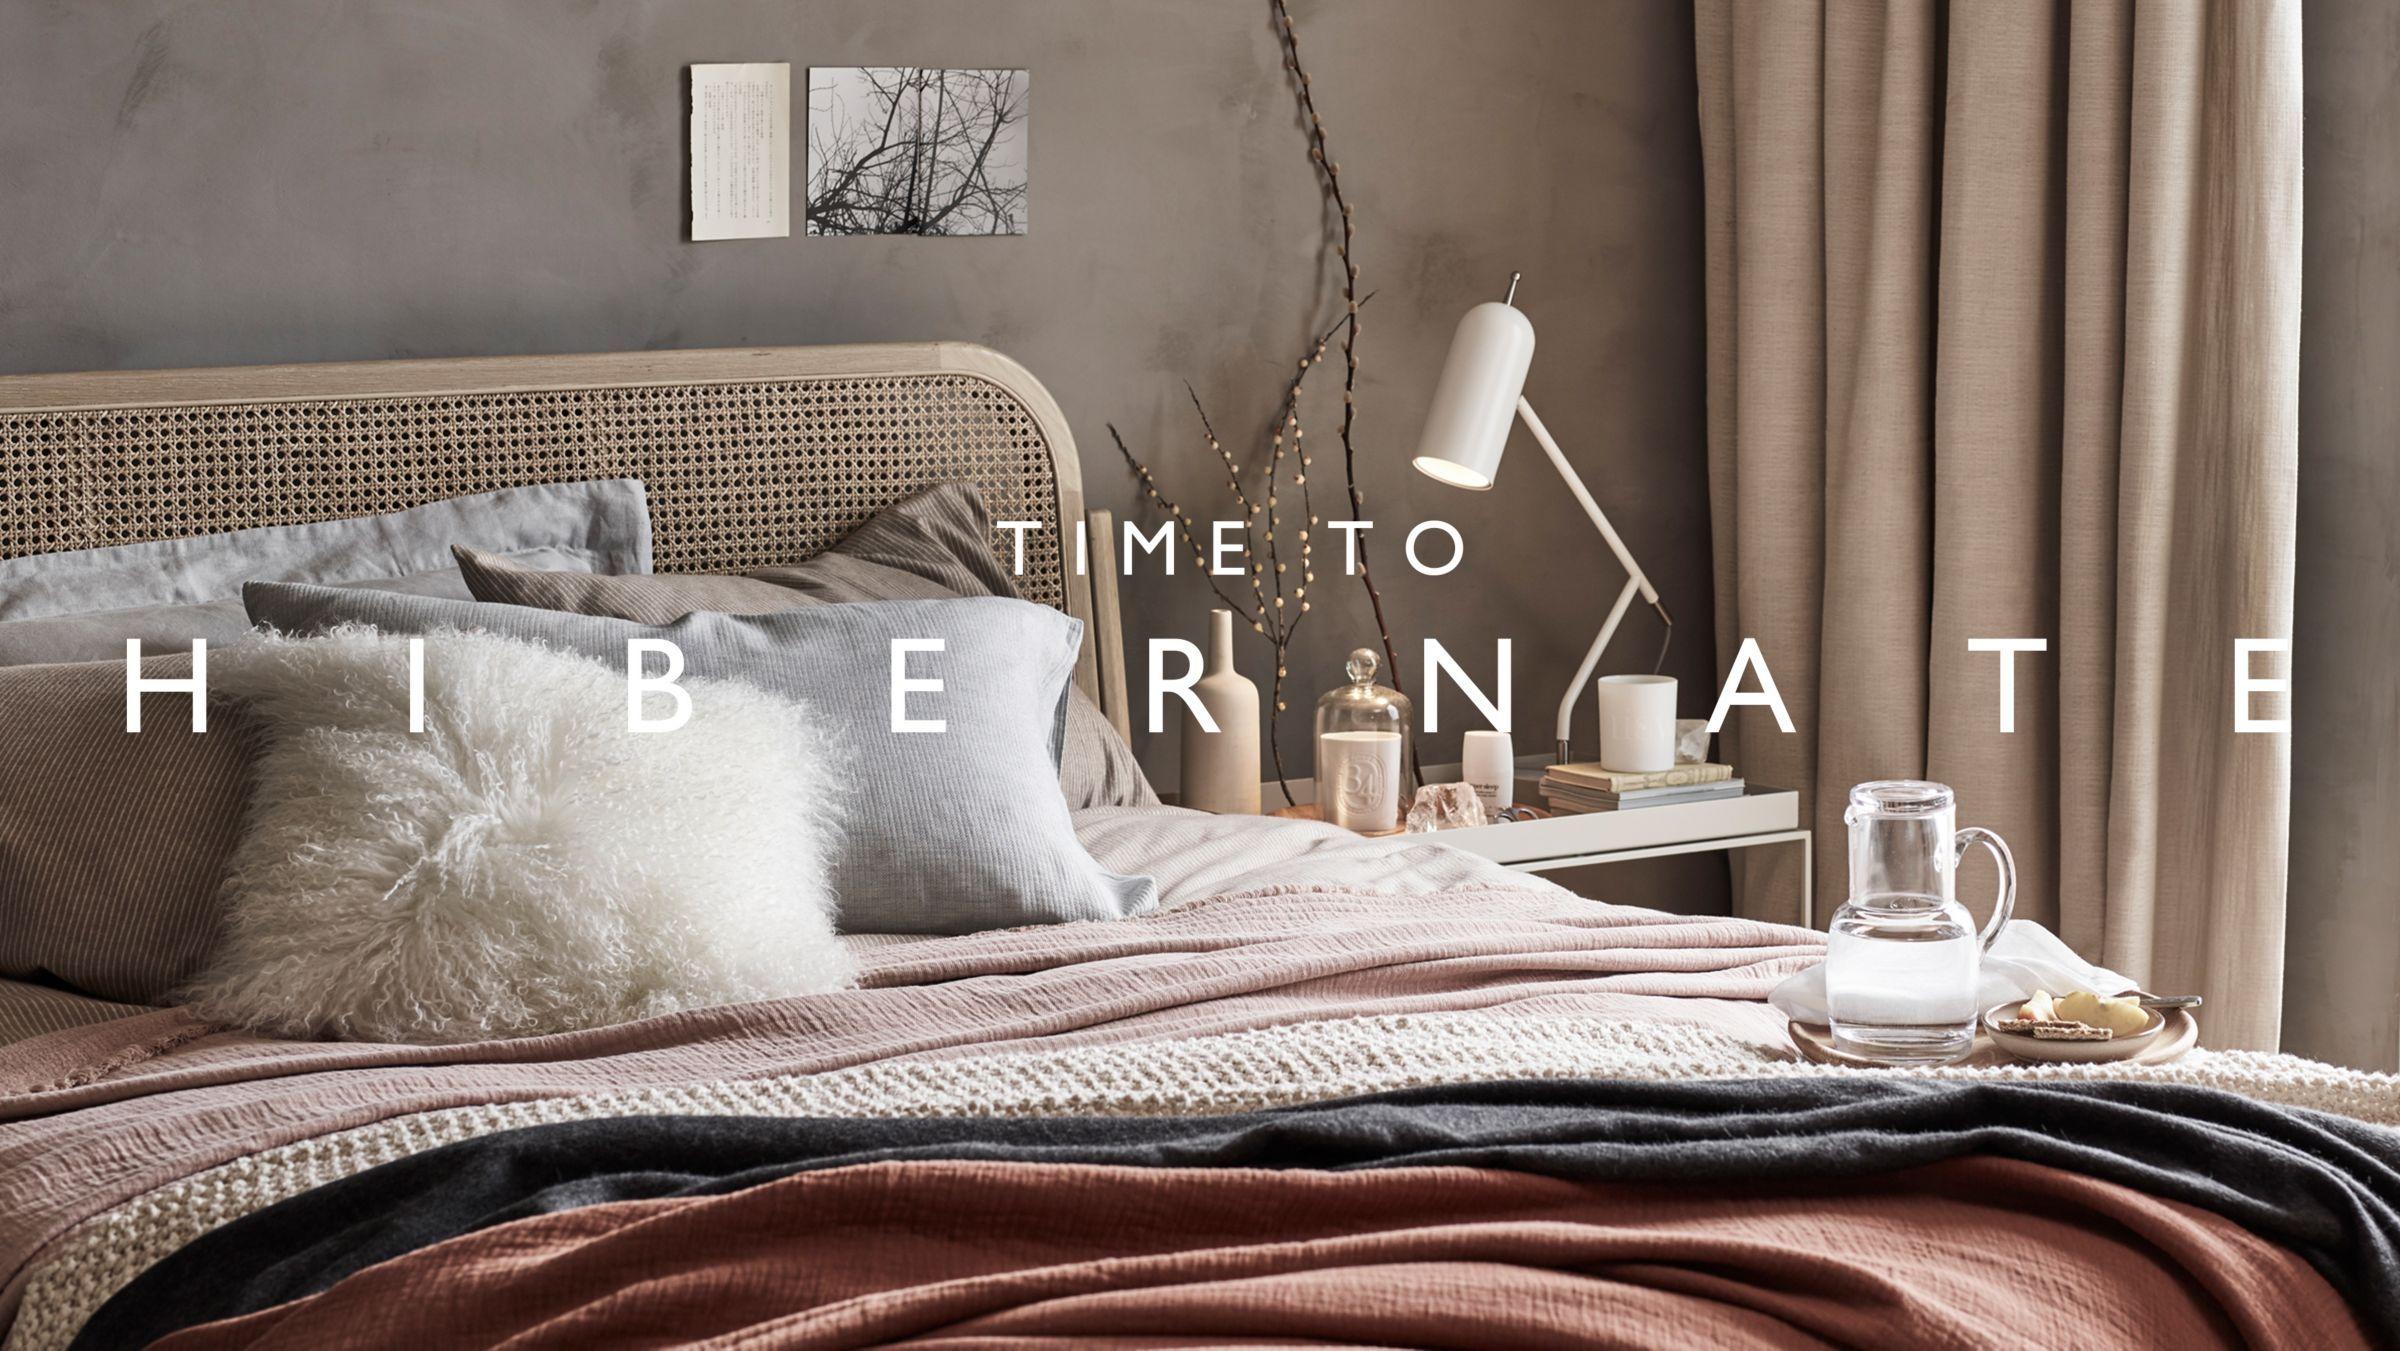 Top Image John Lewis Bedroom Design Ideas In 2021 Cosy Room Bedroom Design Home Bedroom ideas john lewis